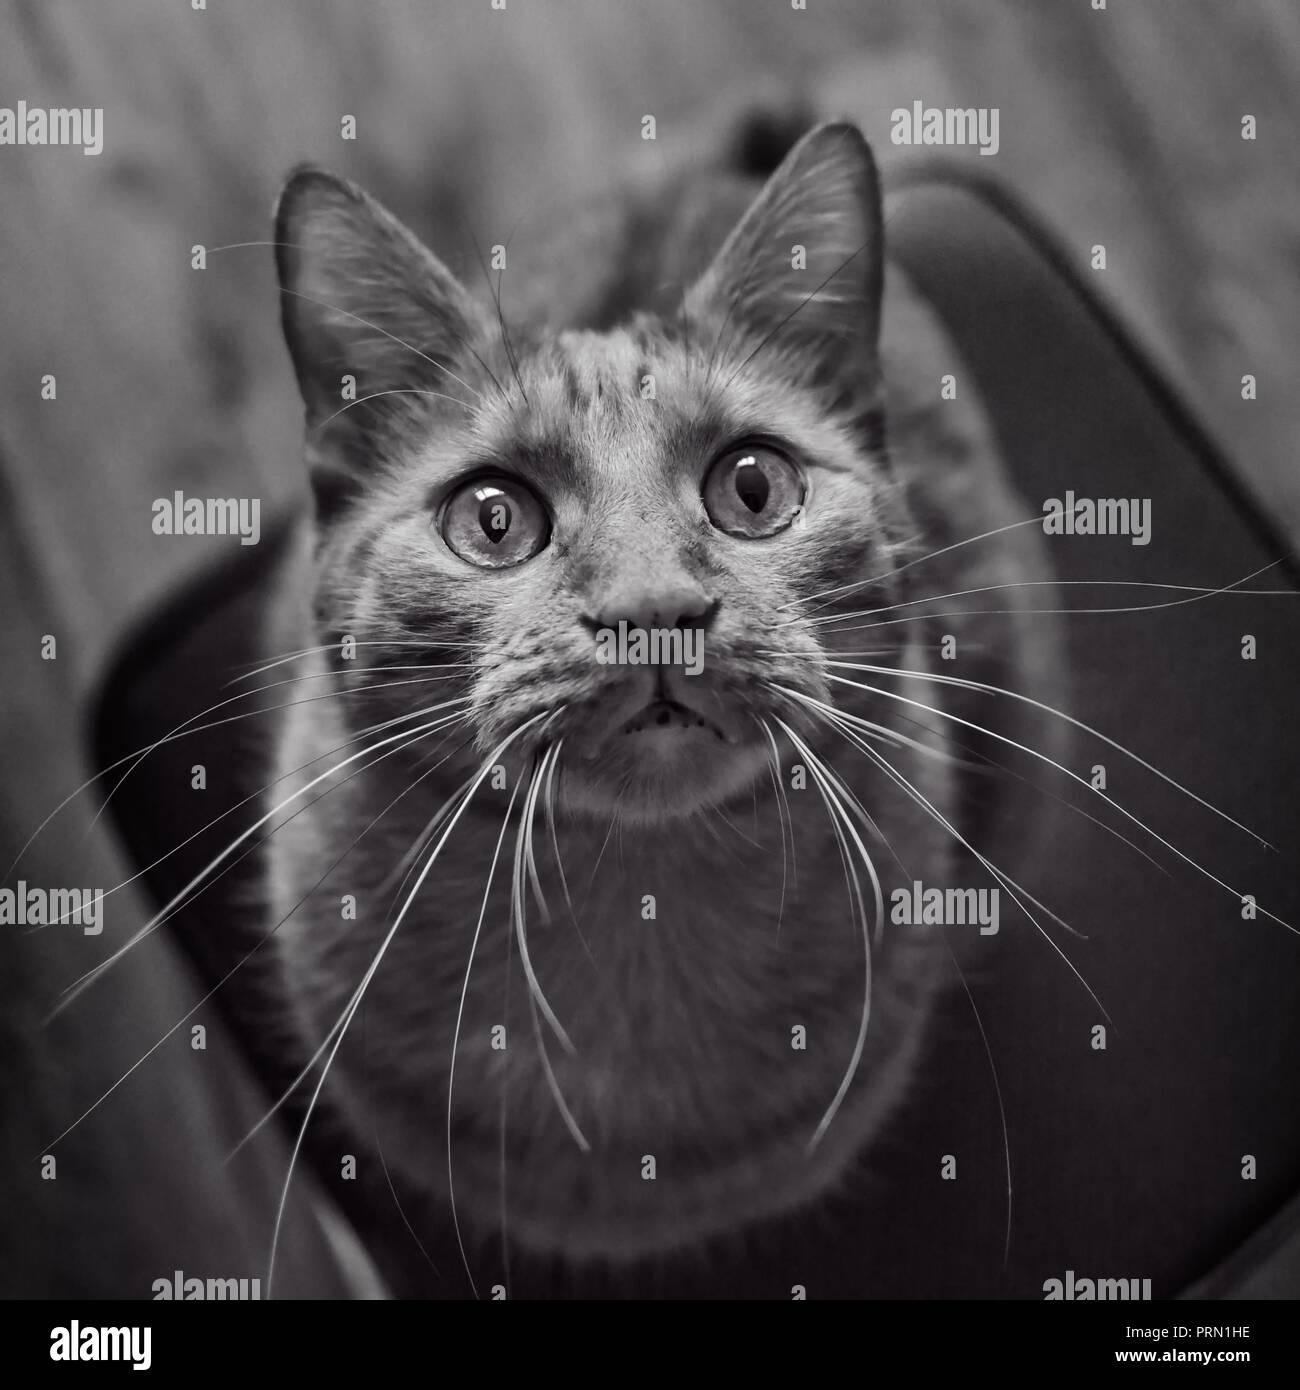 Lindo gato atigrado mirando curioso a la cámara. Retrato en blanco y negro. Imagen De Stock